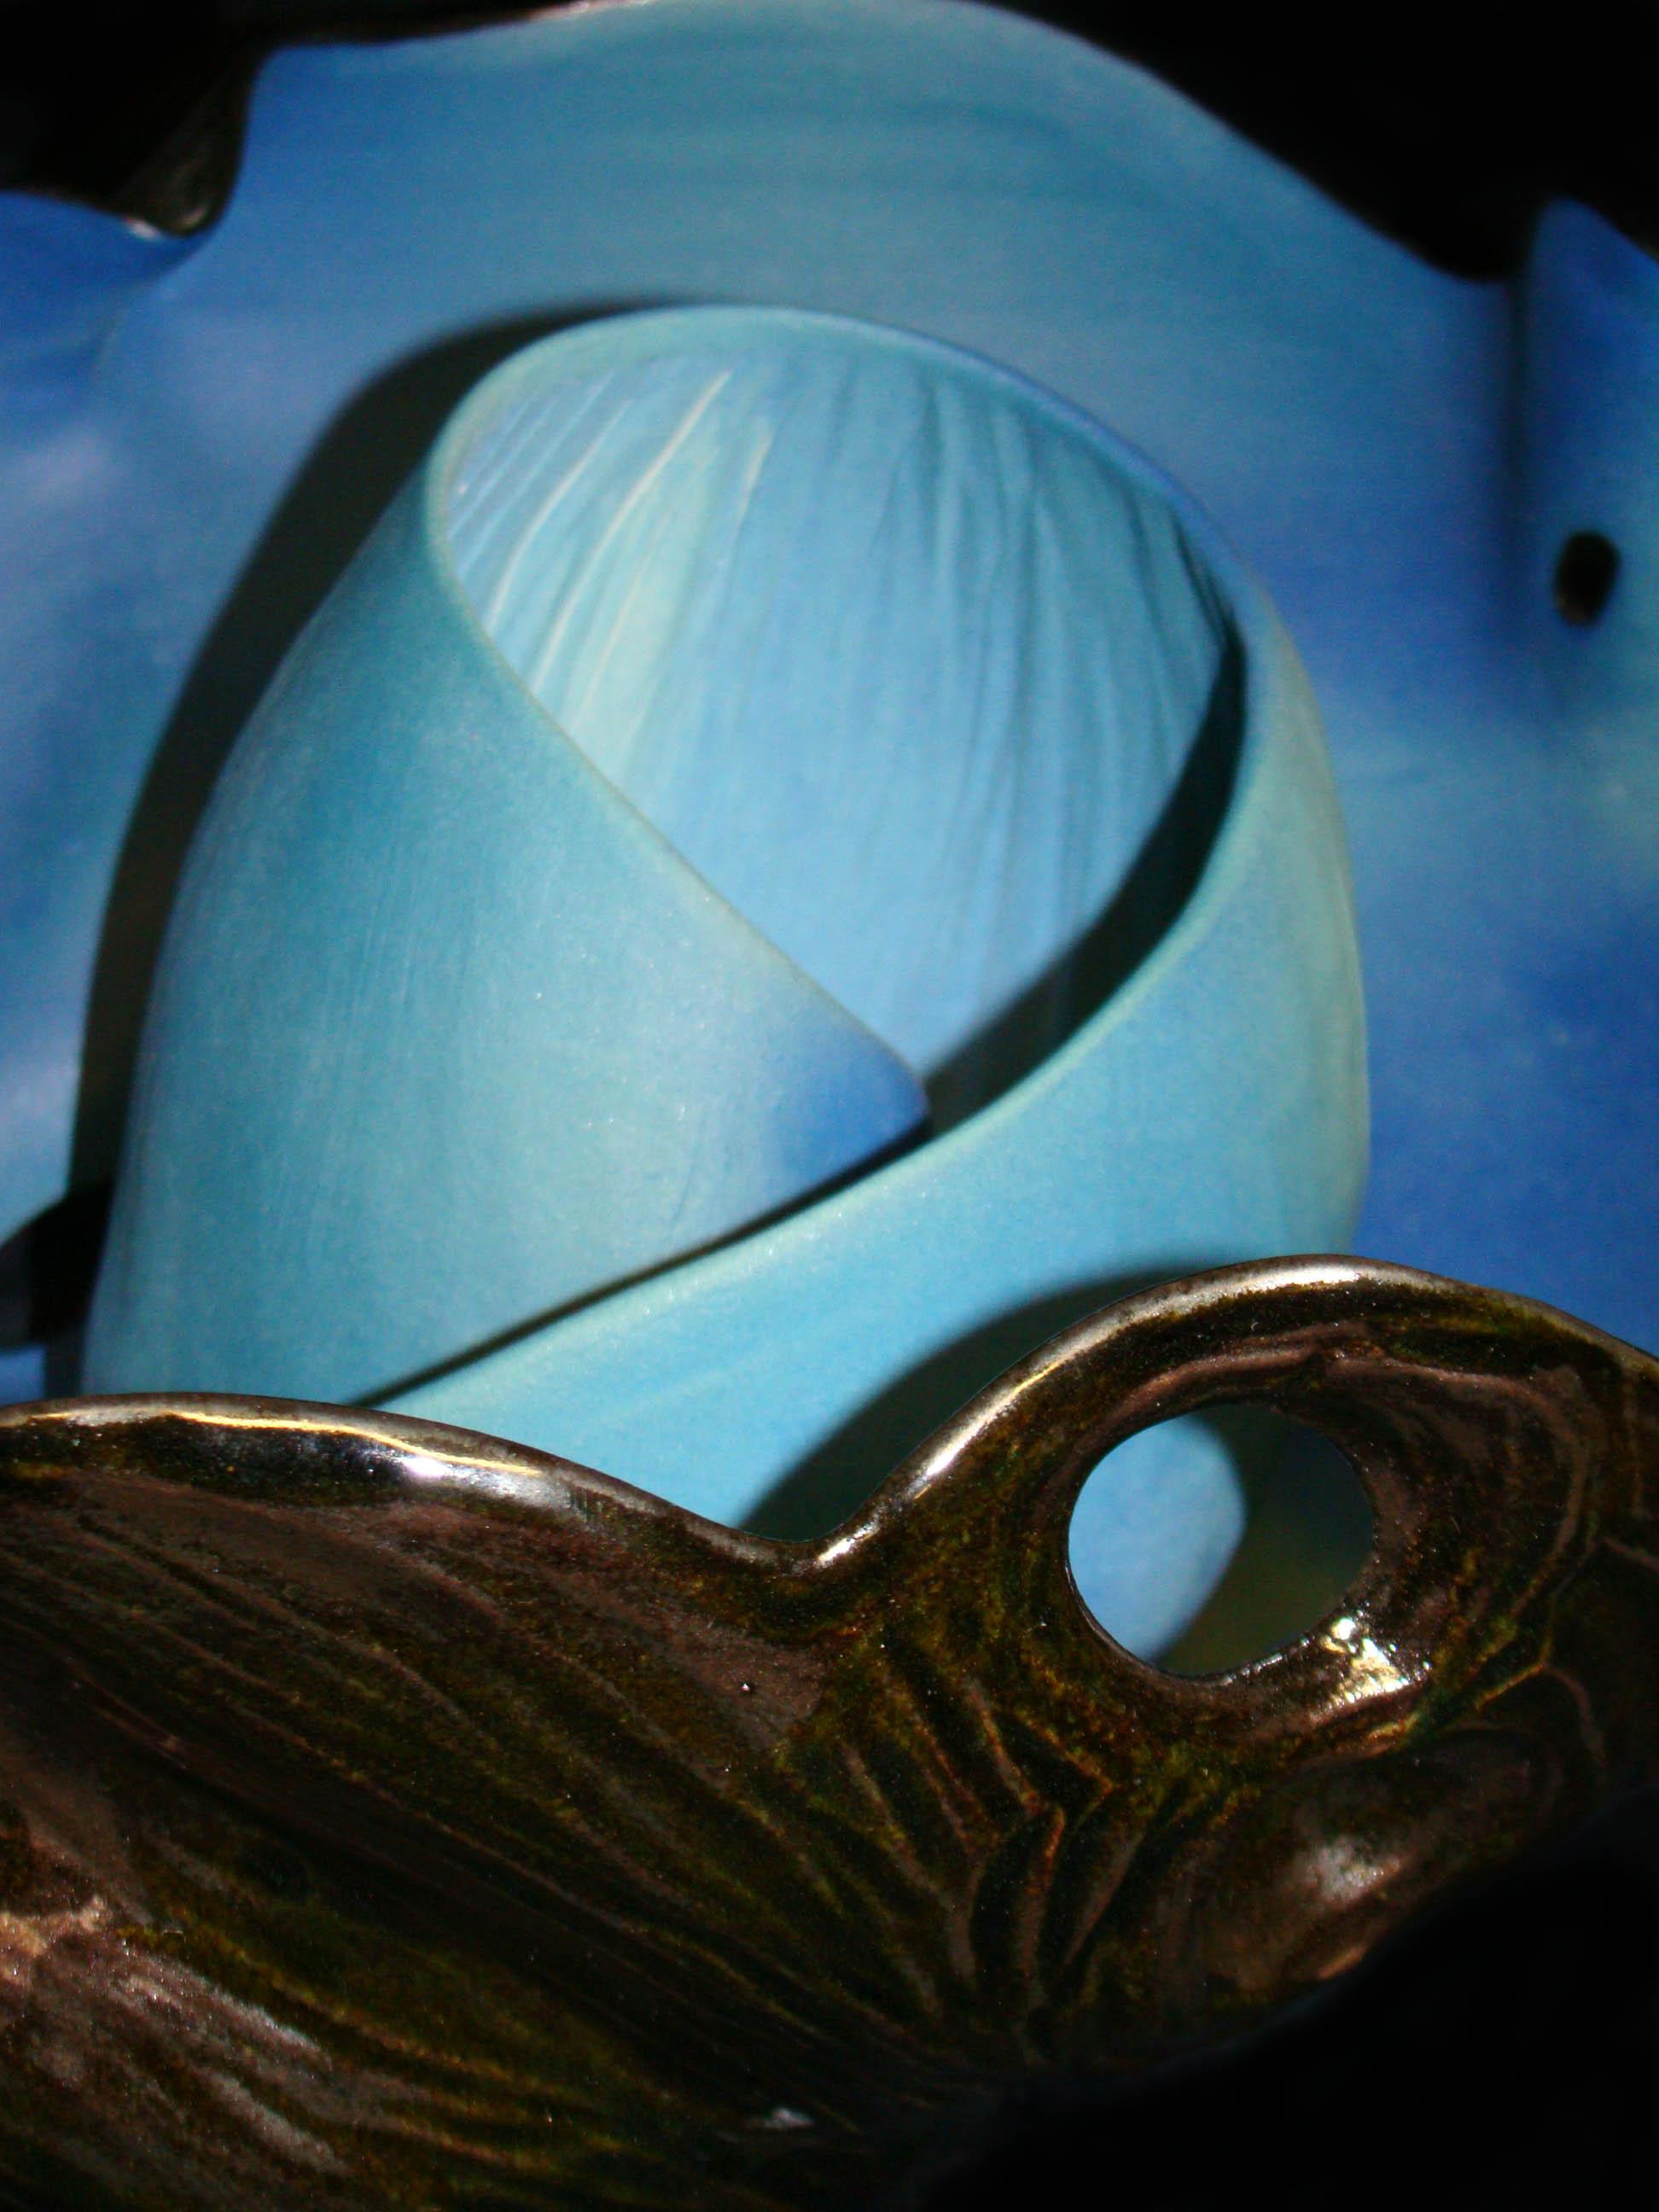 Blue_spiralling_flower_ceramic.JPG